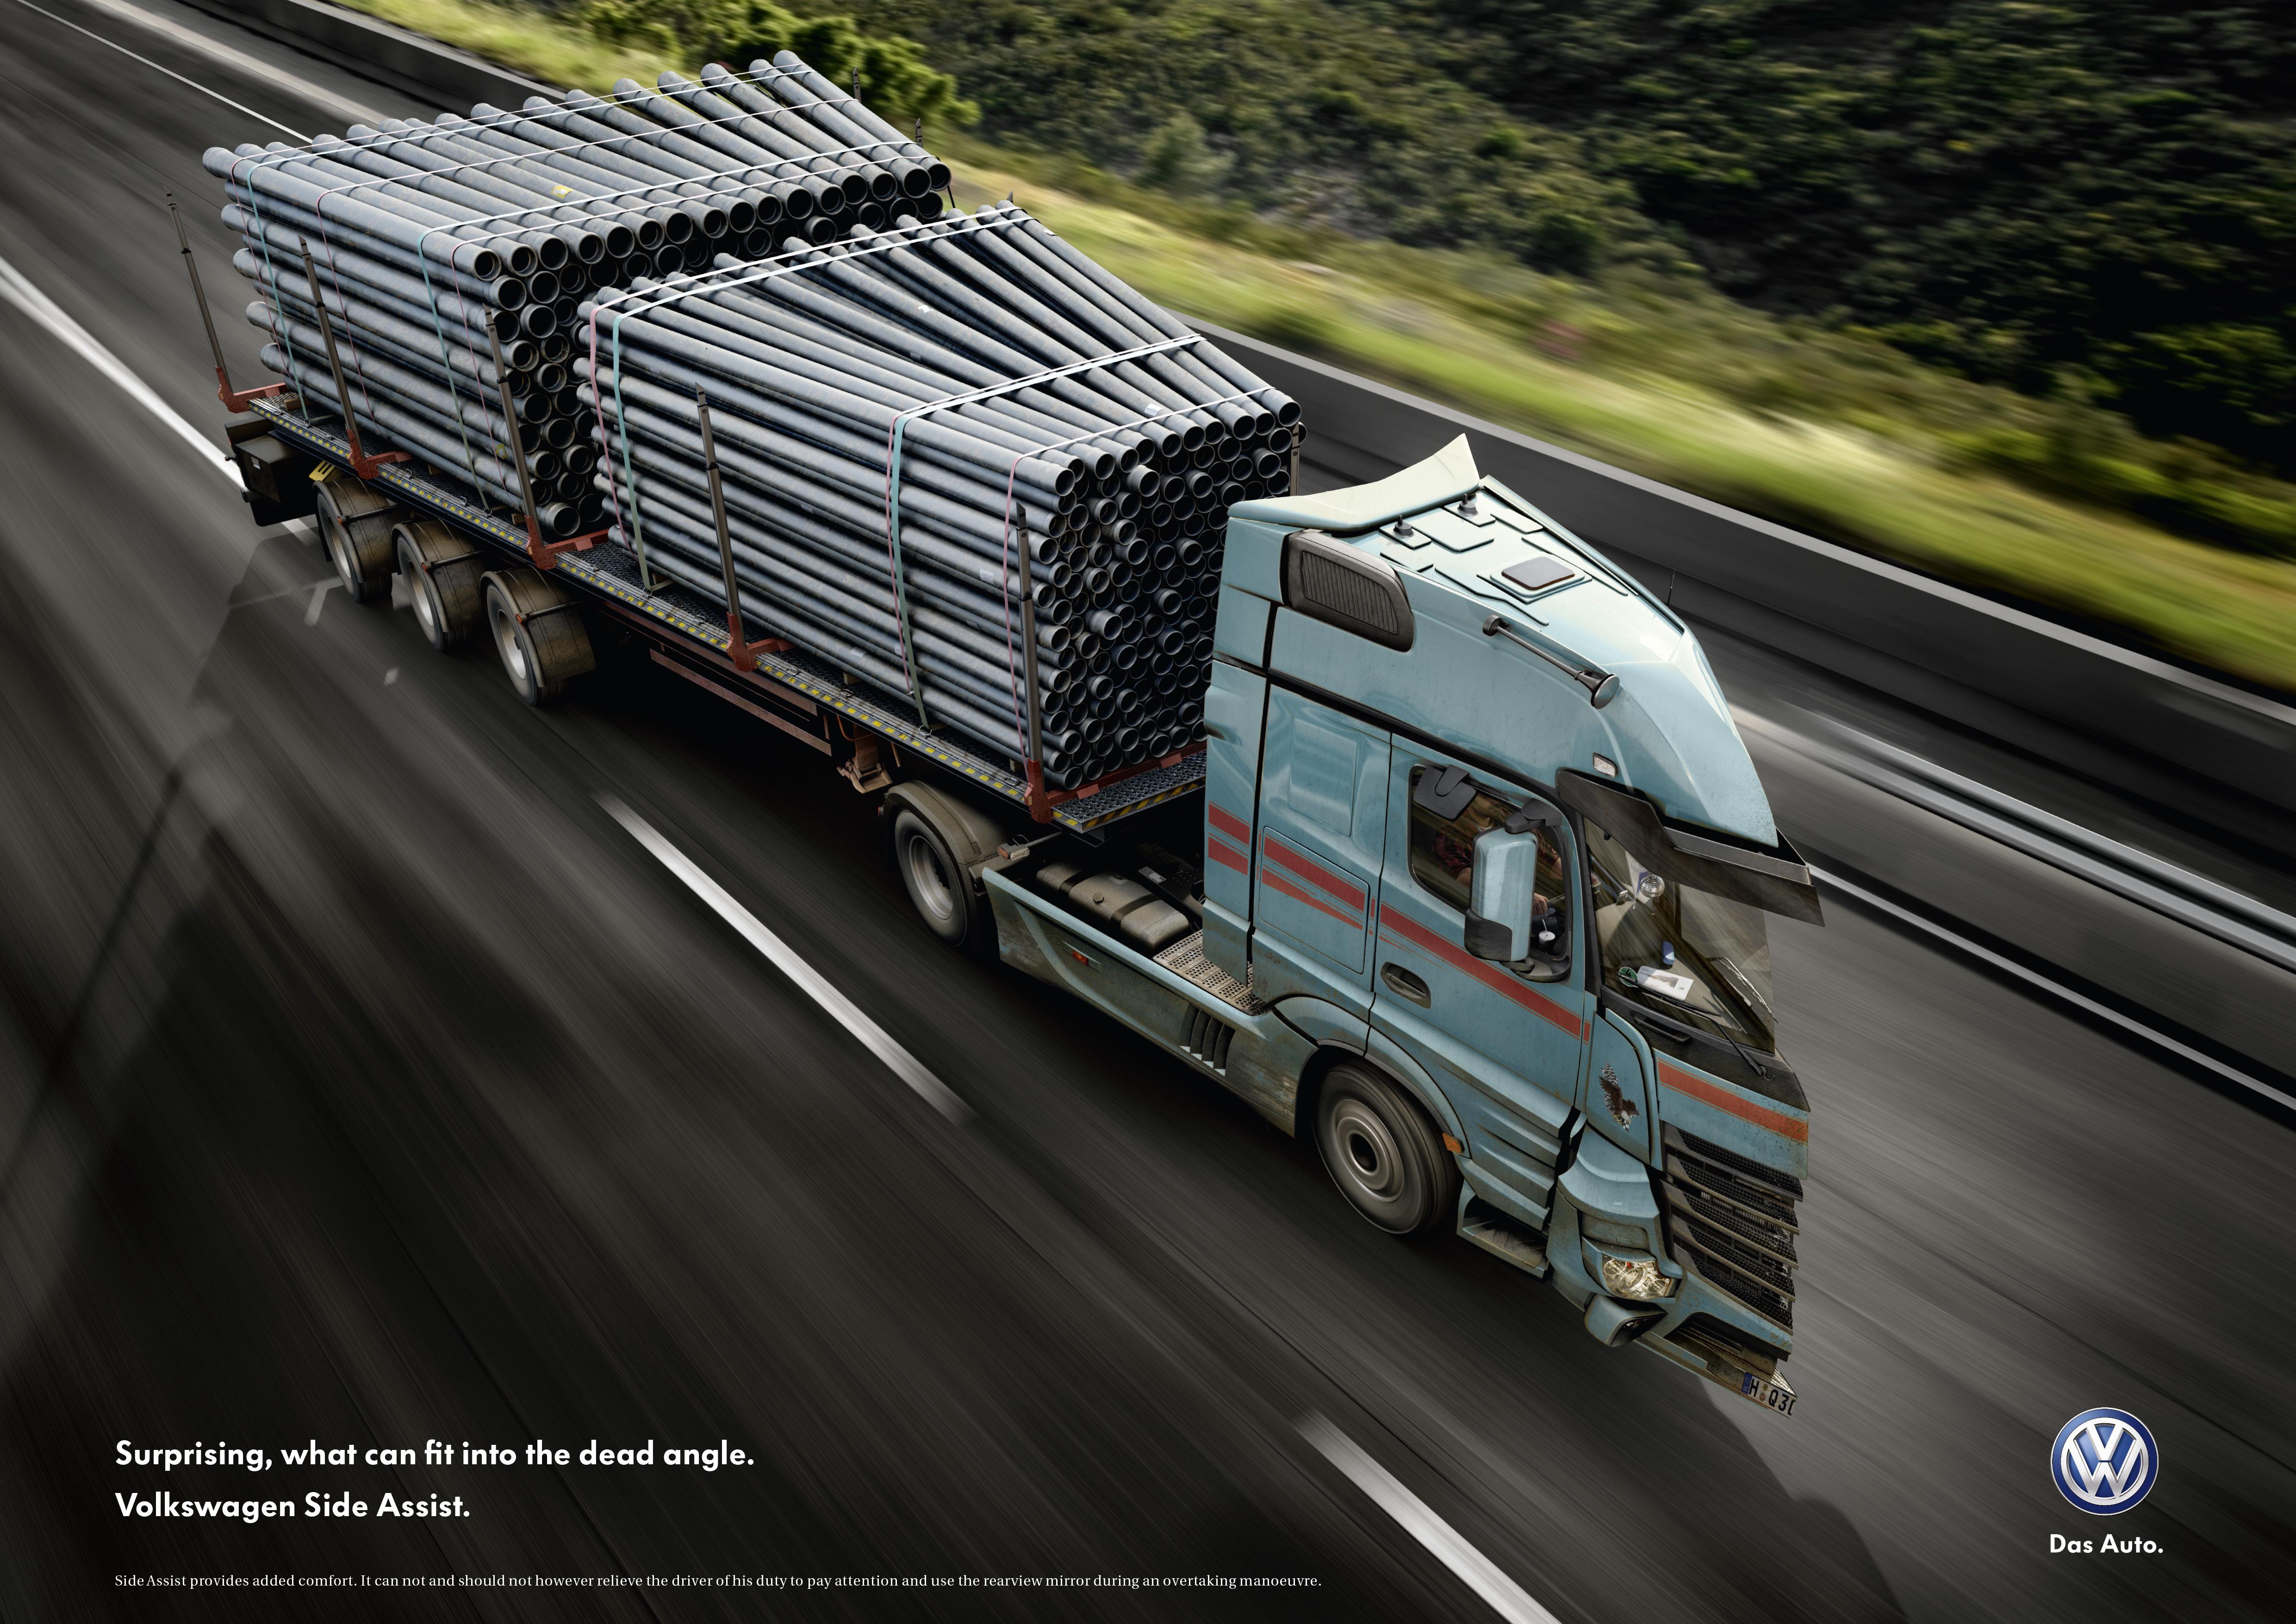 Print Ad Volkswagen Pipe Truck